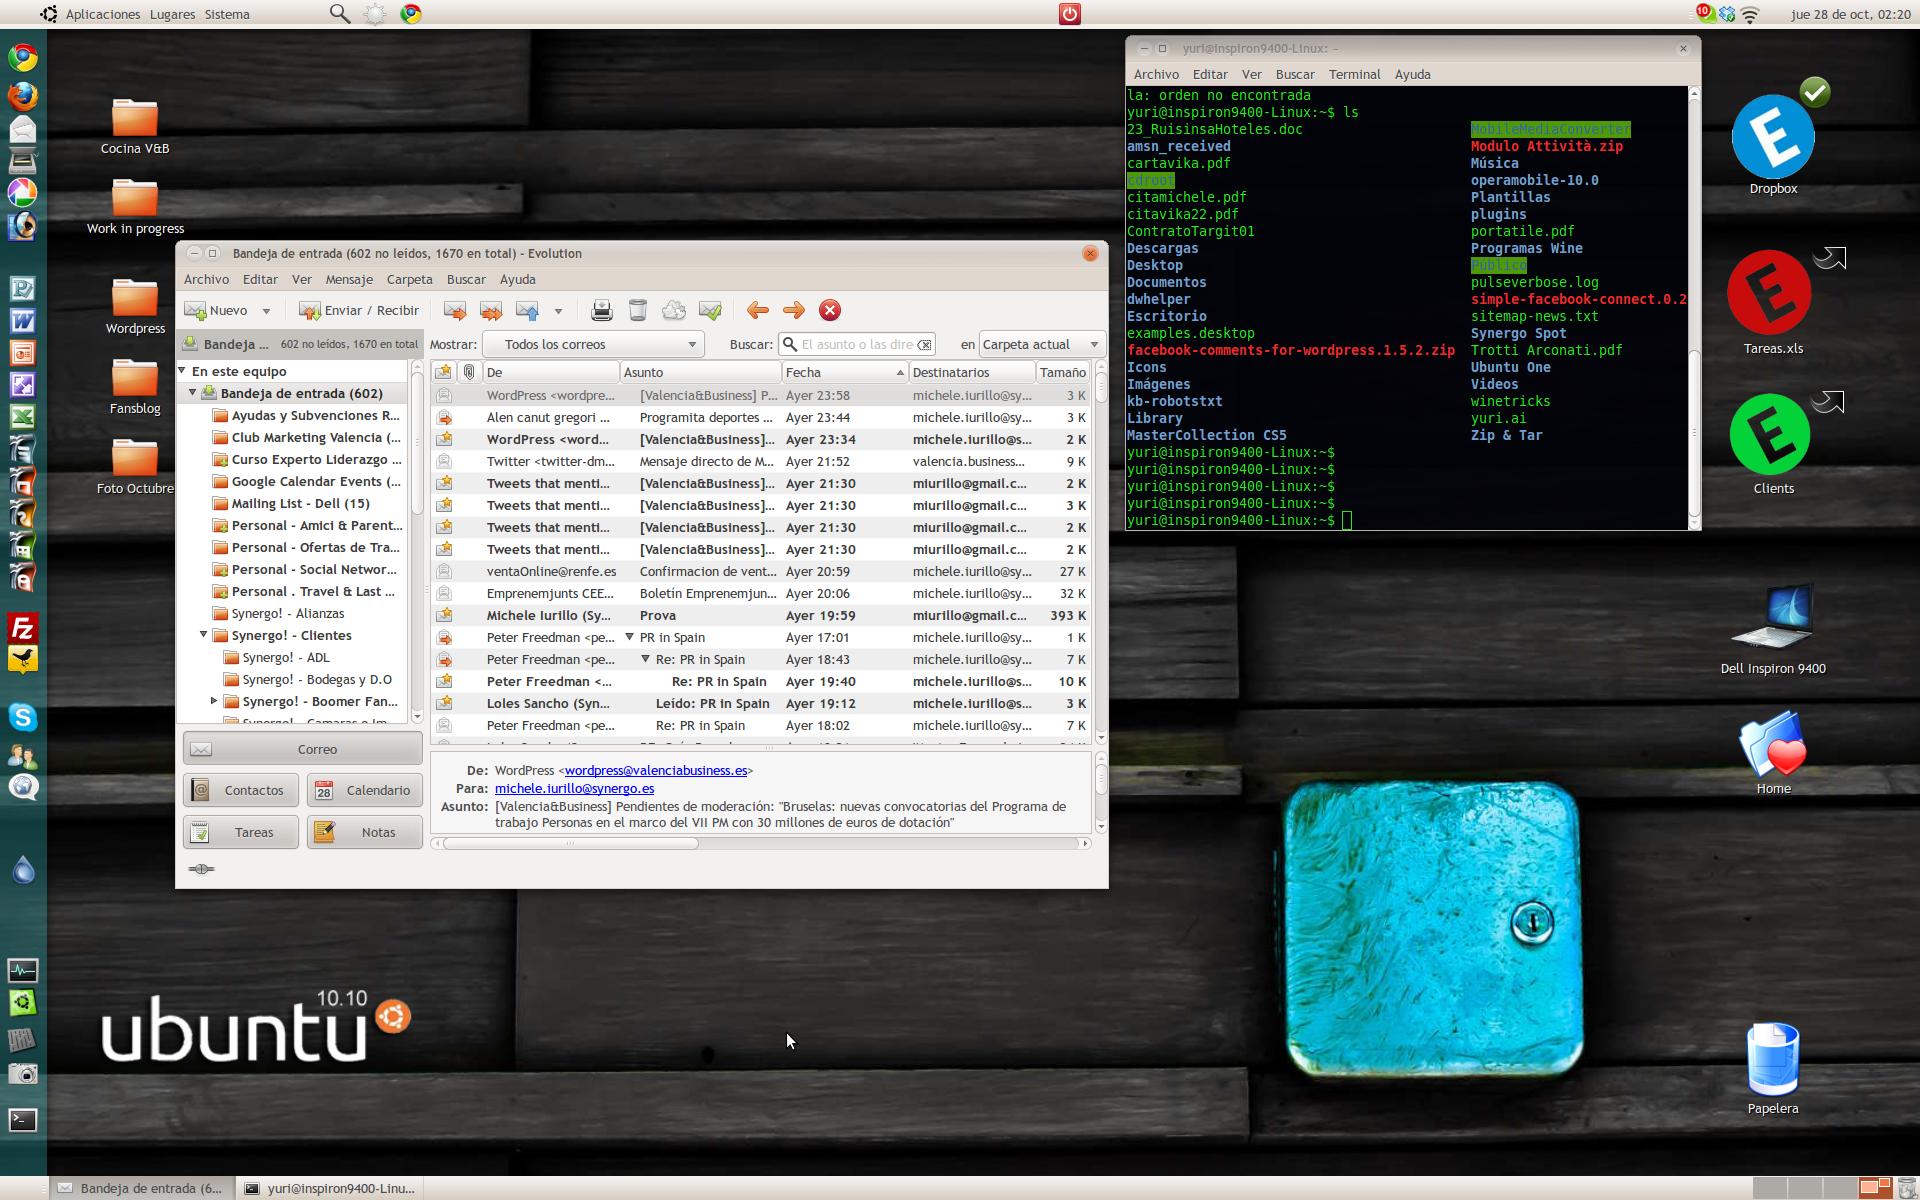 Ya me he pasado a Ubuntu 10.10